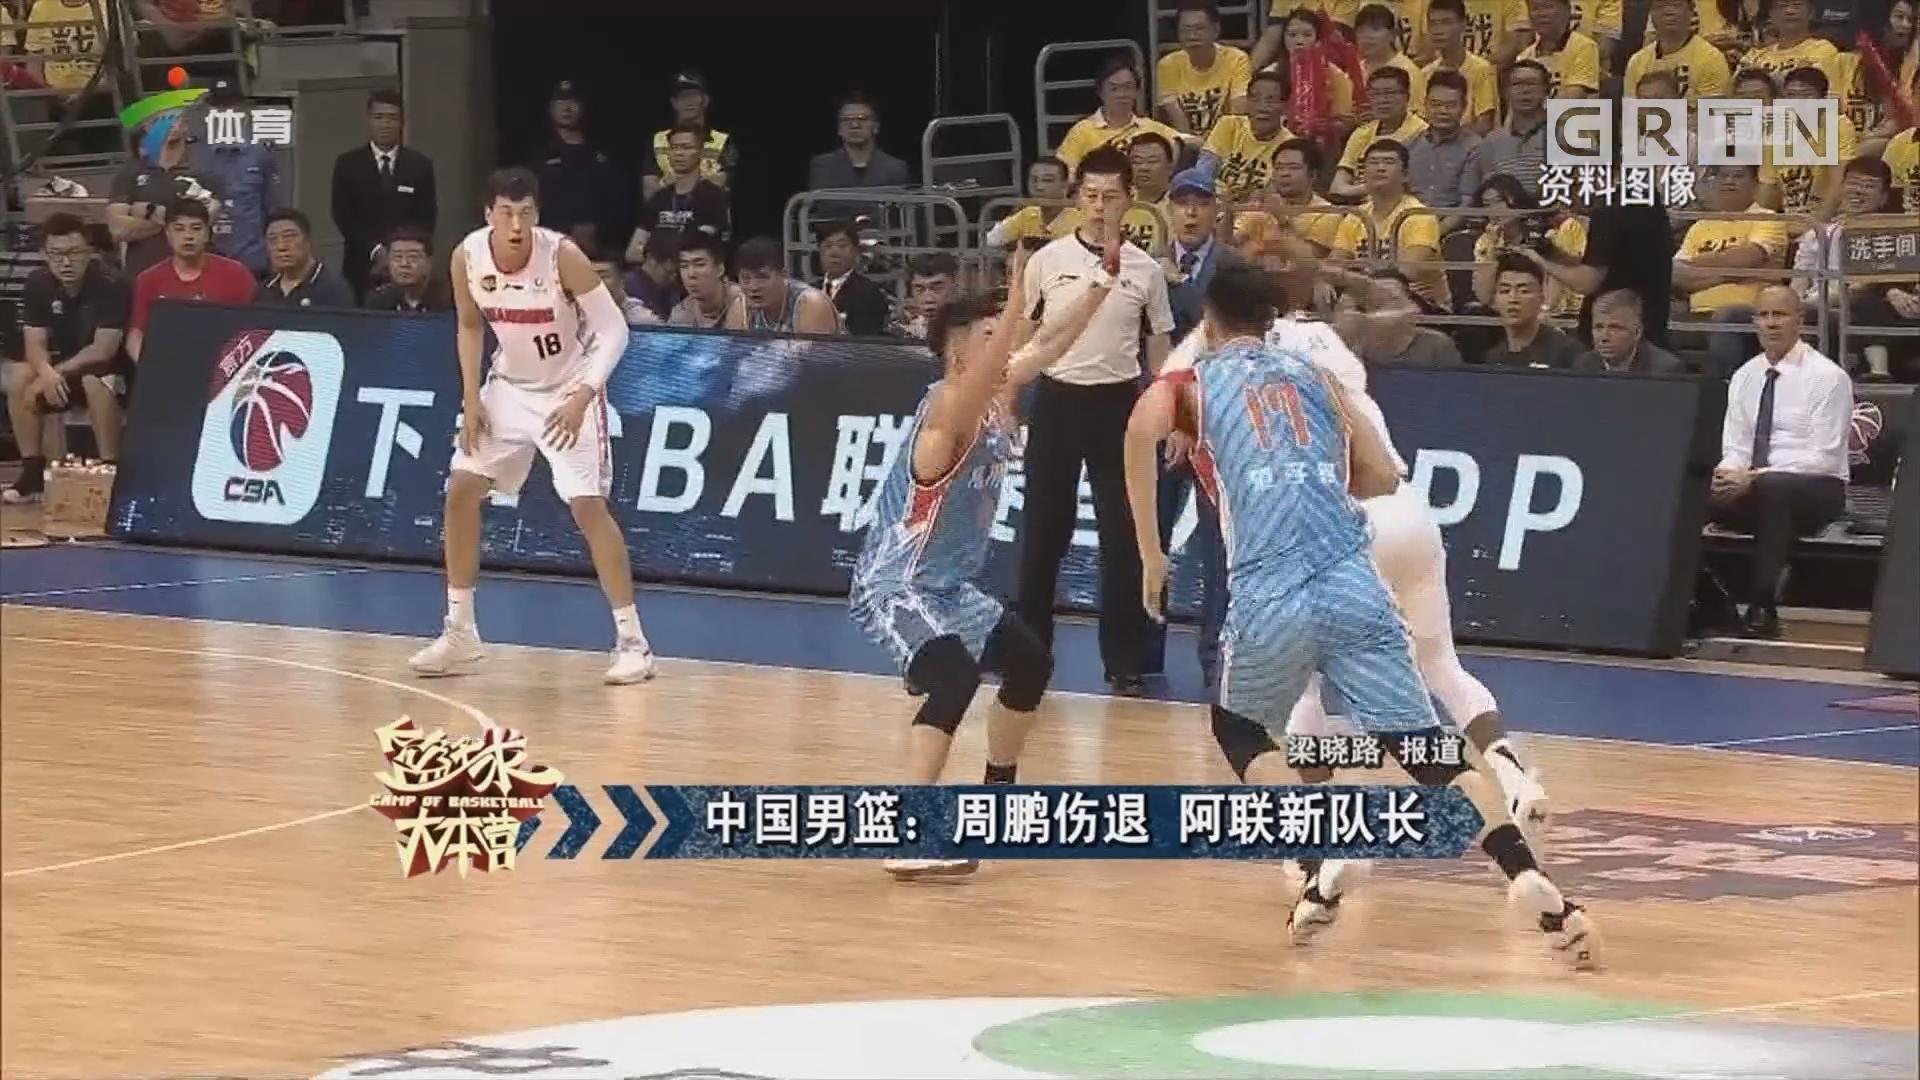 中国男篮:周鹏伤退 阿联新队长